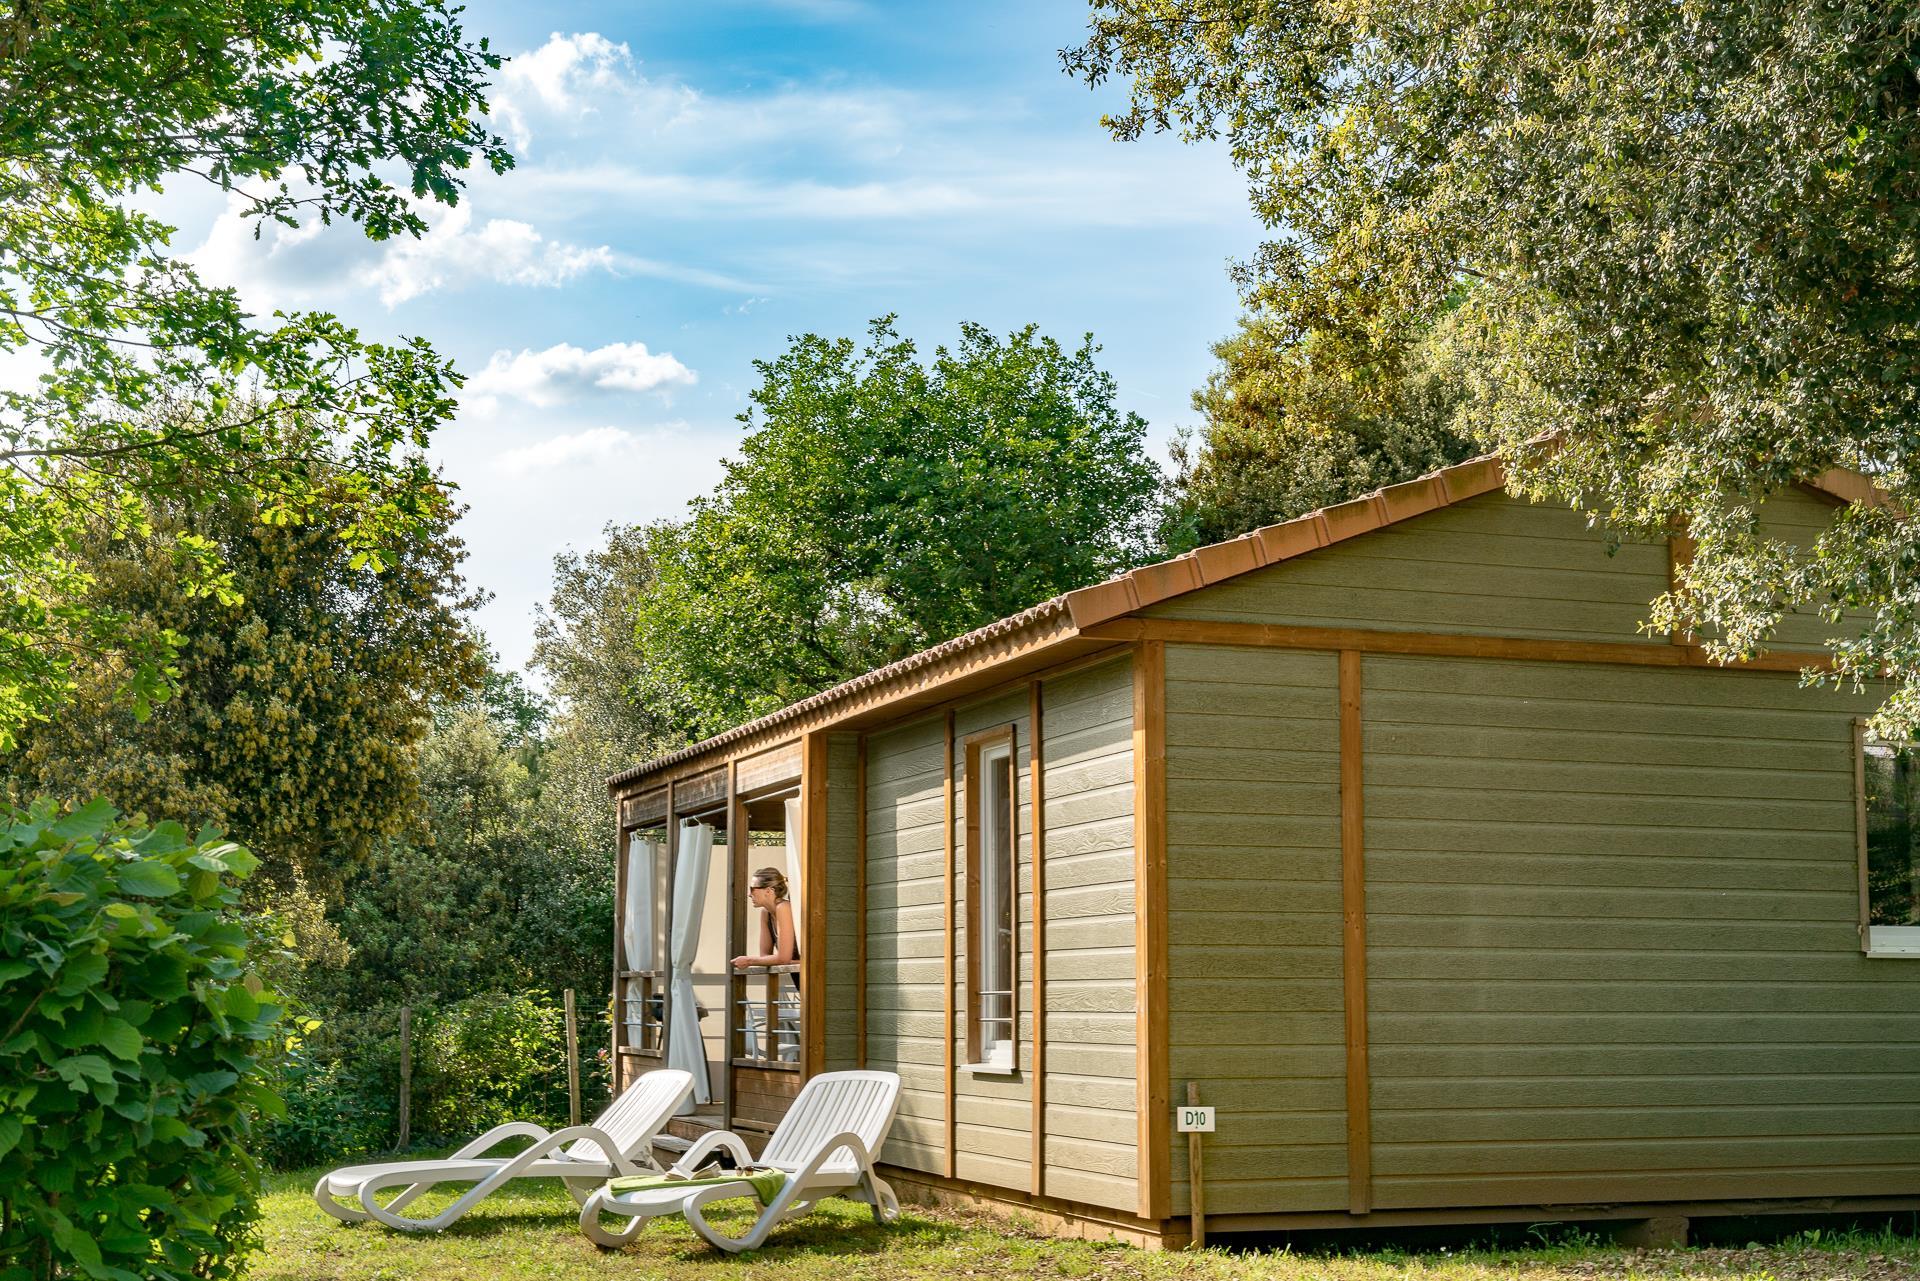 Location - Chalet Pivert 3 Chambres Climatisé Premium - Camping Sandaya Les Péneyrals